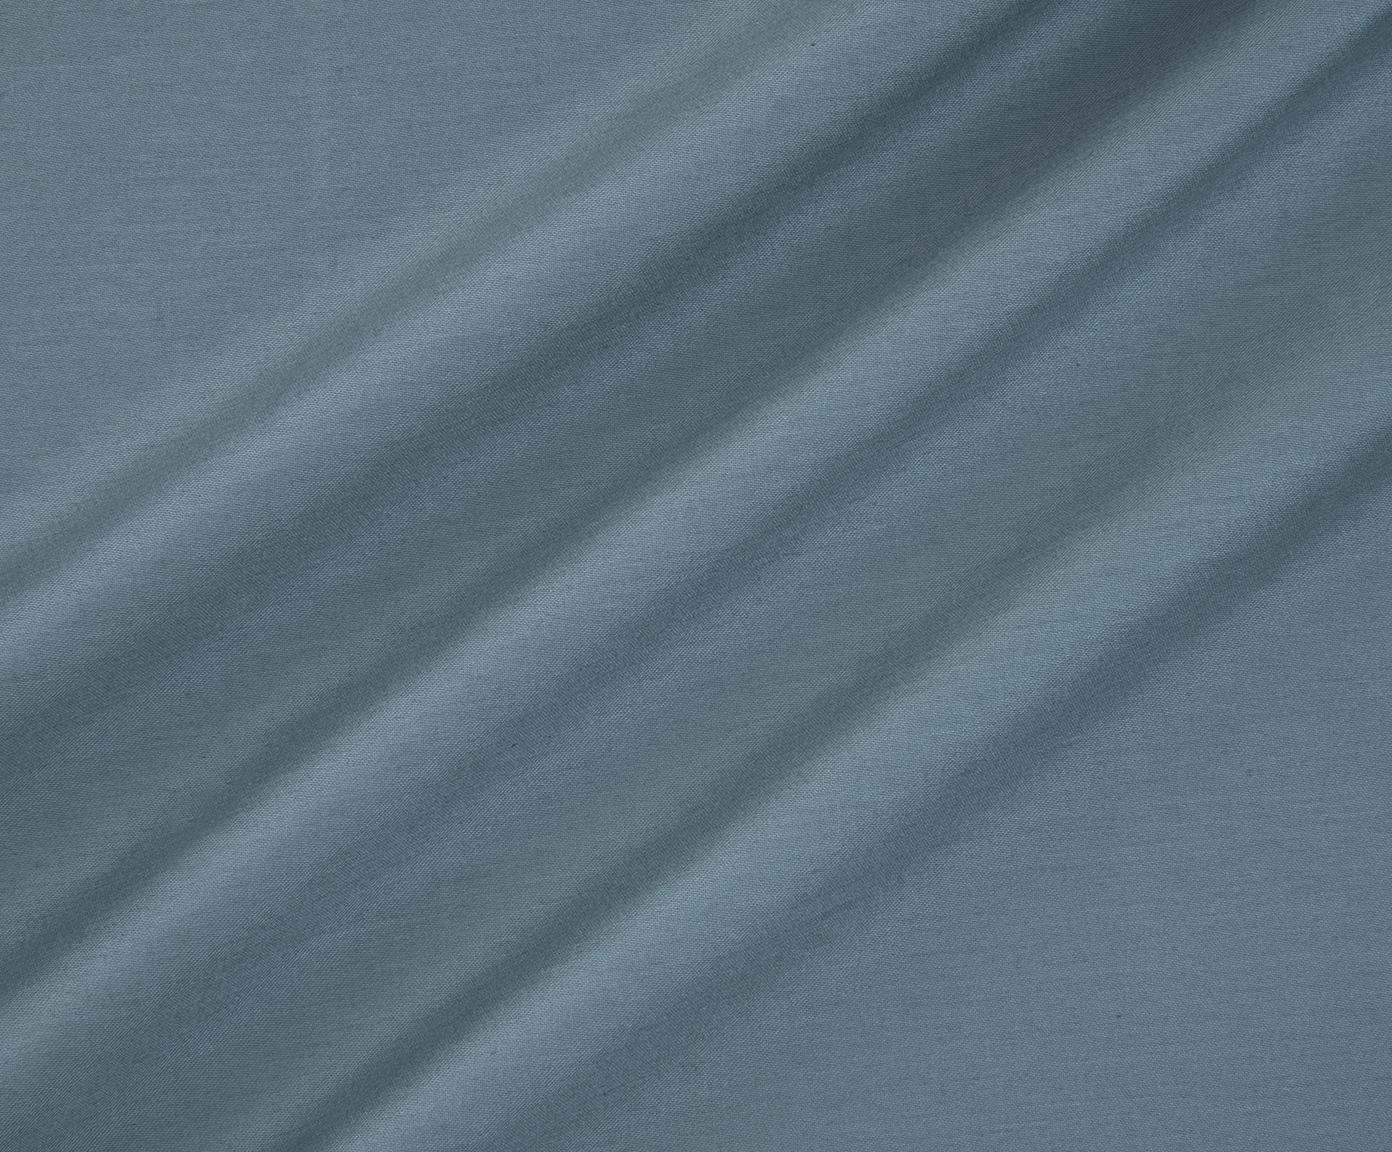 Baumwollsatin-Bettwäsche Flora in Petrol, Webart: Satin Fadendichte 210 TC,, Vorderseite: MehrfarbigRückseite: Petrol, 240 x 220 cm + 2 Kissen 80 x 80 cm